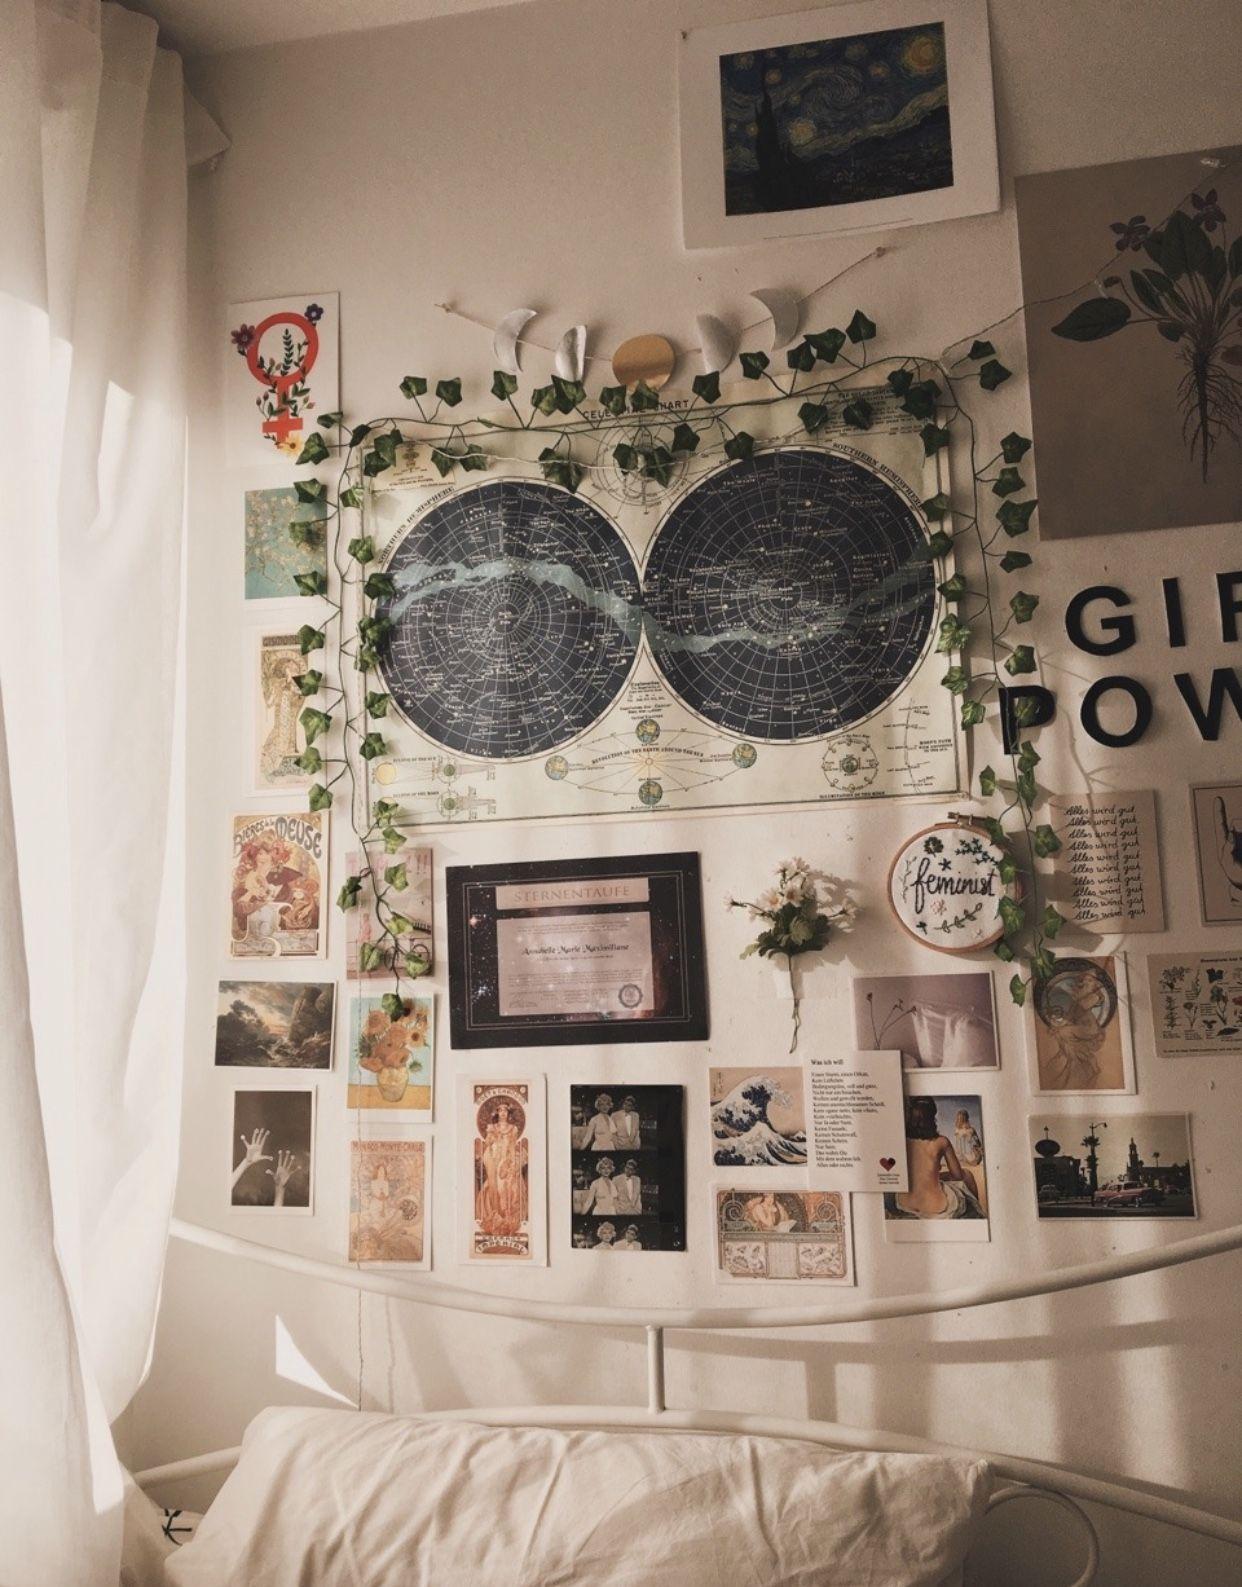 Épinglé par Andrea Besé sur Эстетика  Déco chambre vintage, Idée